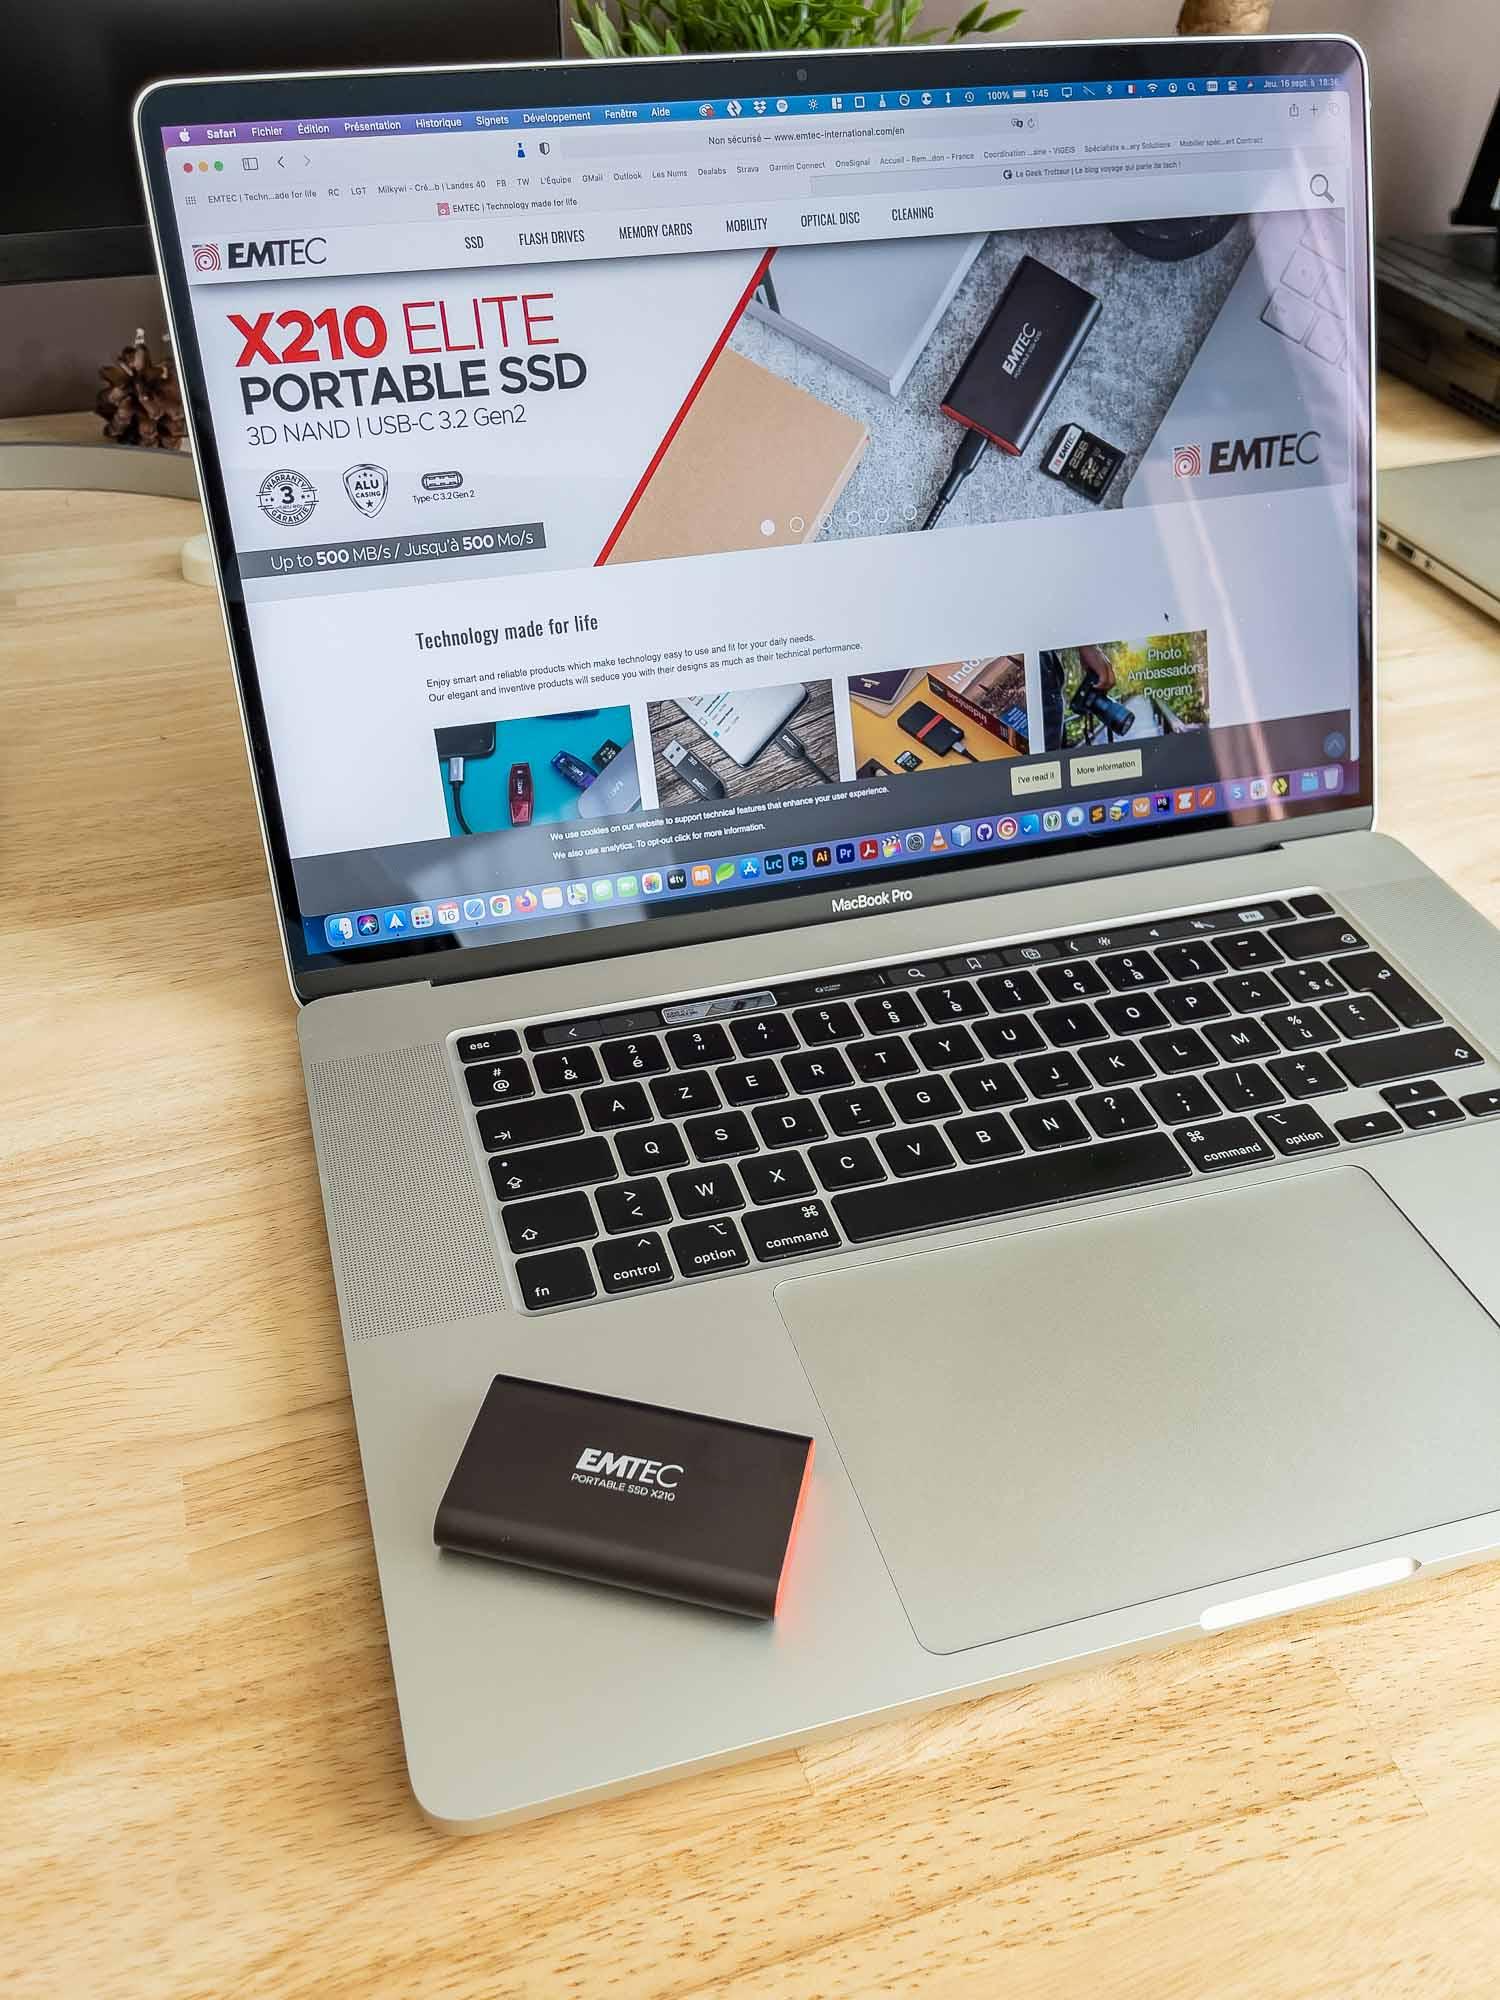 Je vais tester les performances de ce petit disque dur sur mon MacBook Pro.